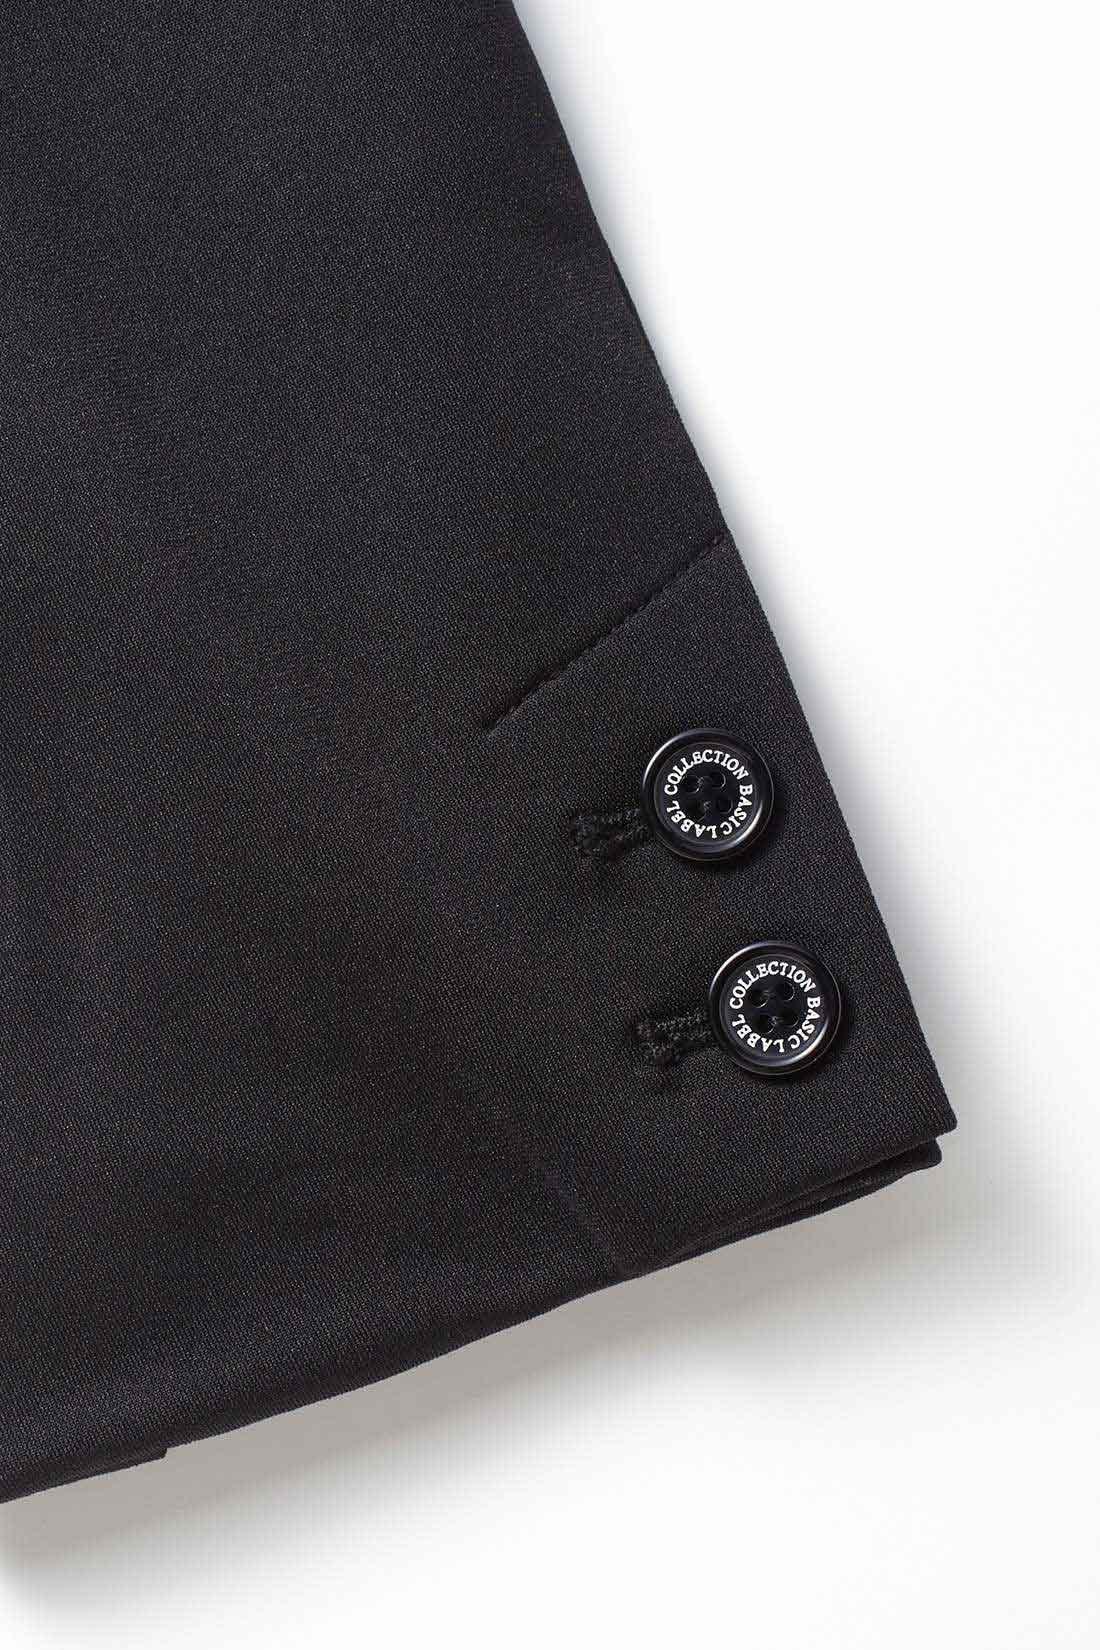 オリジナルボタン おしゃれ気分のあがる袖口のボタンは、レーベルコレクションのロゴ入り。